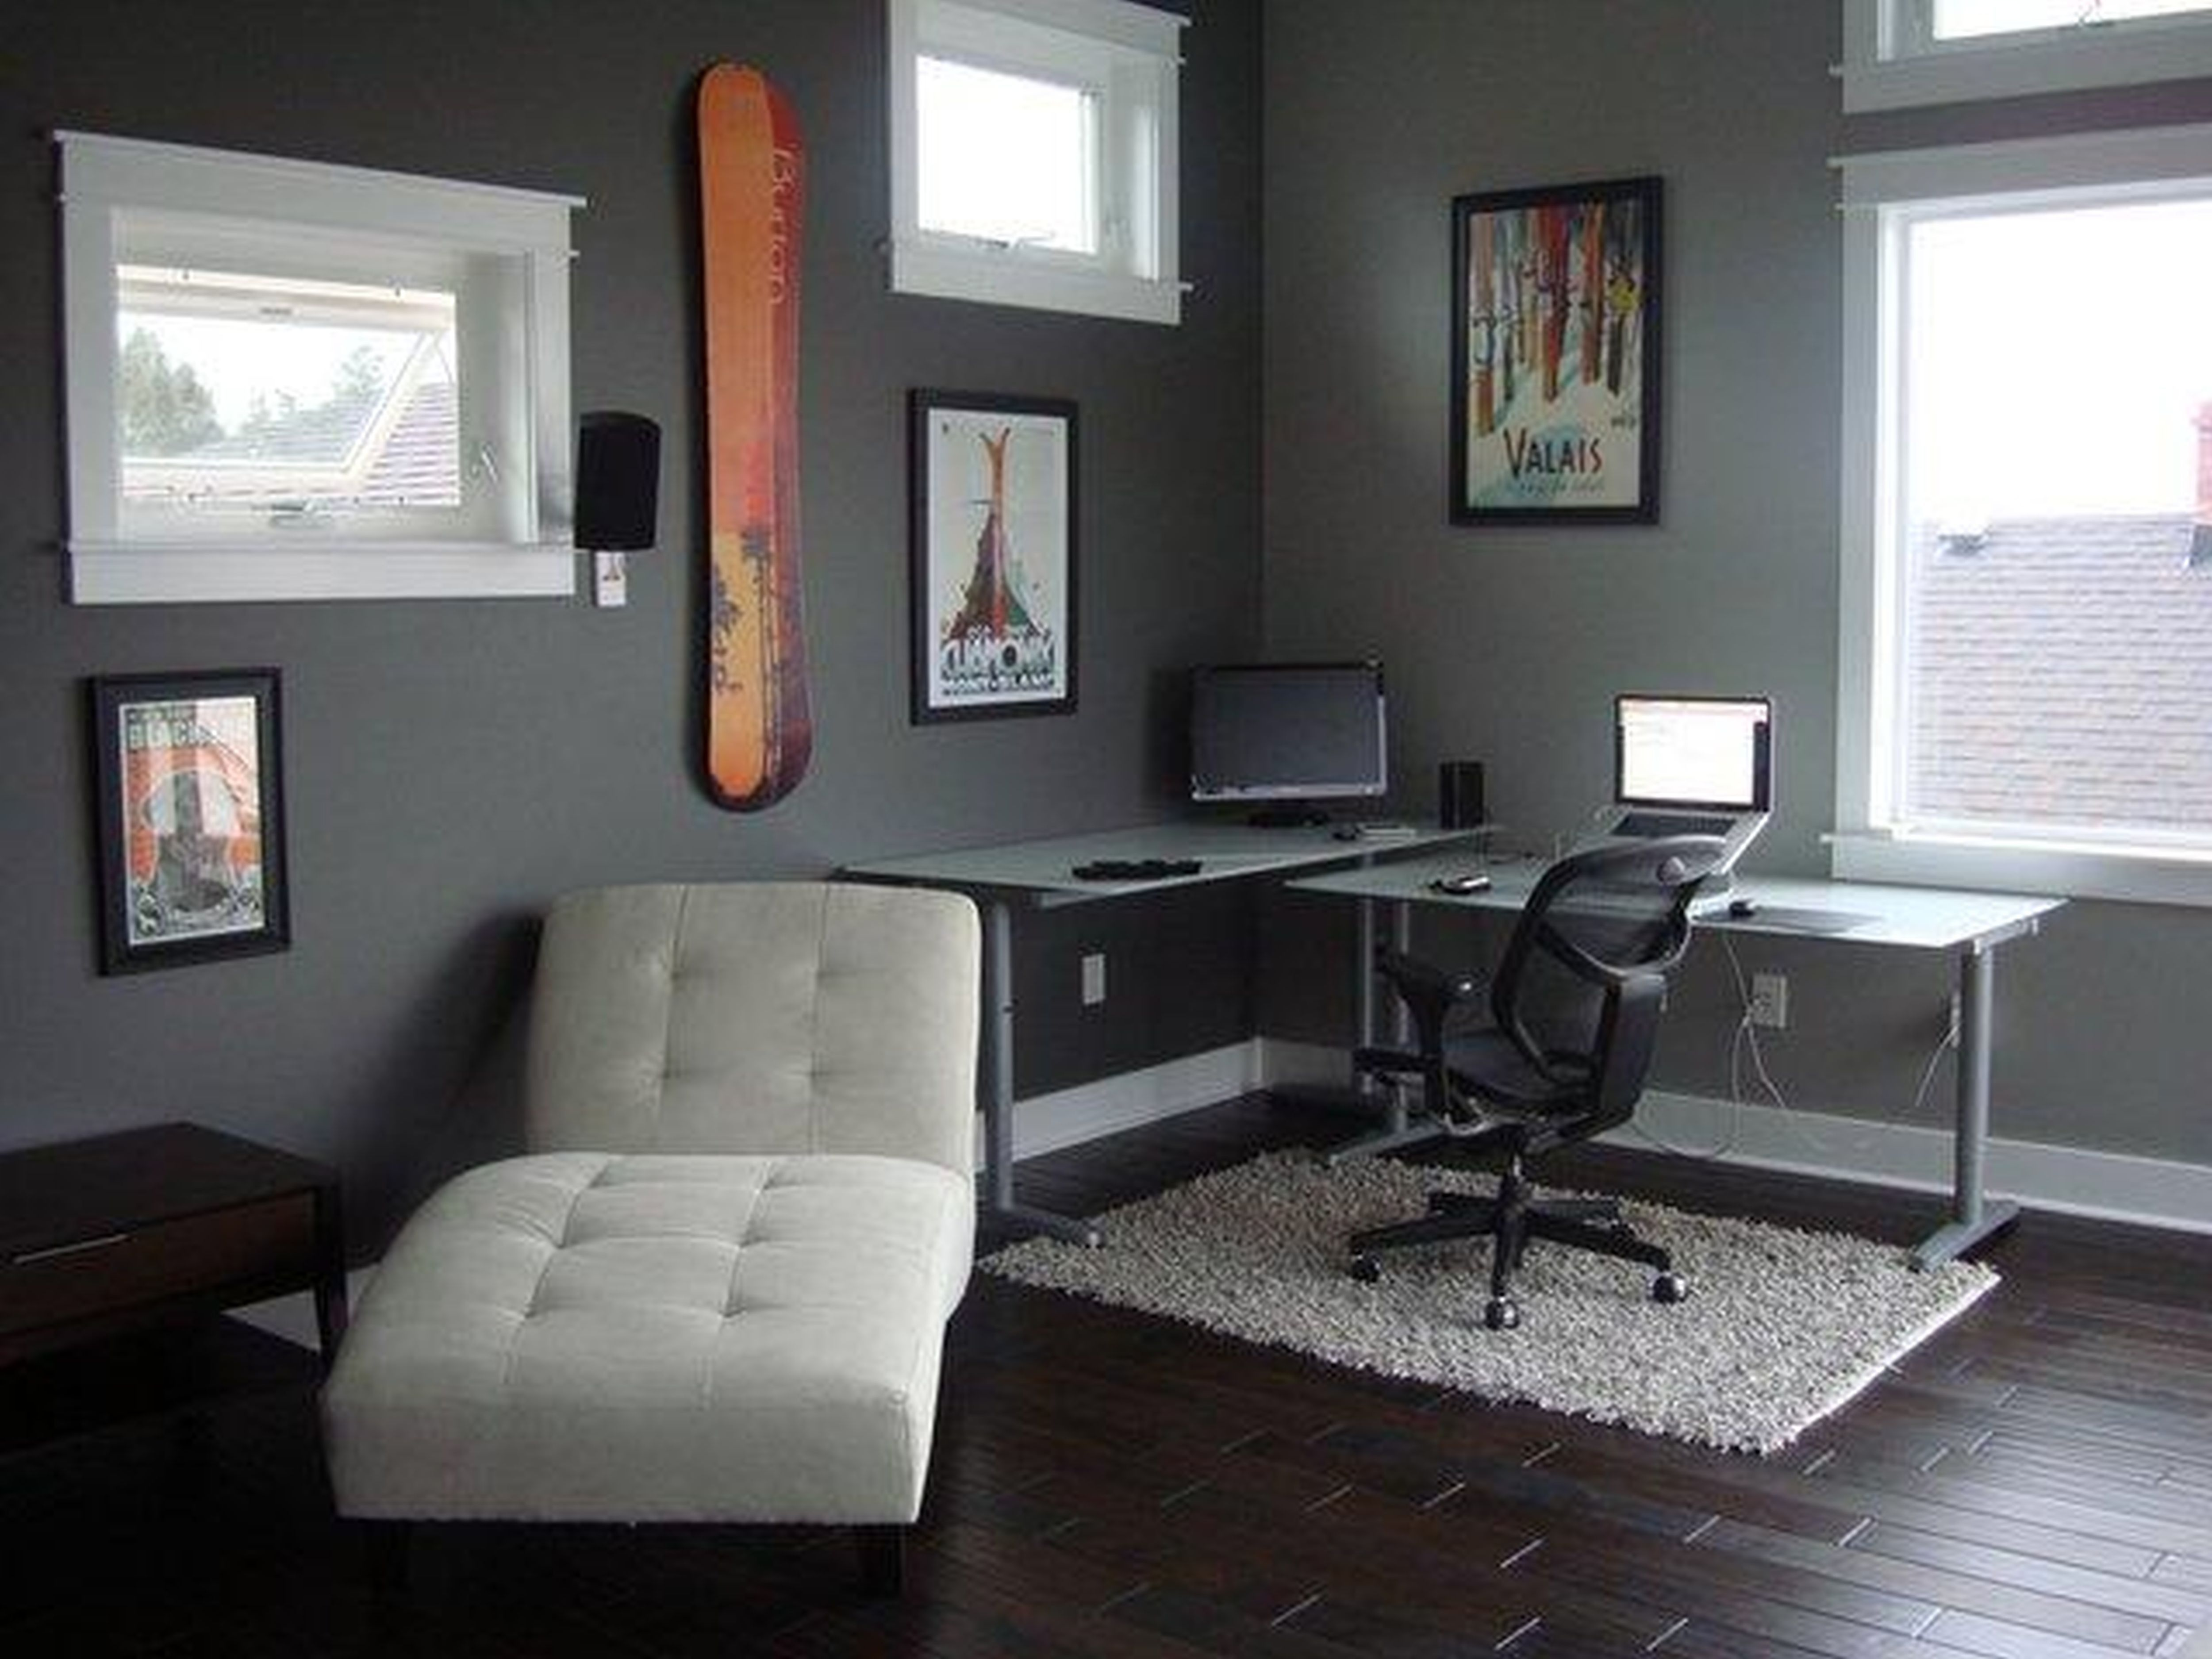 Room Decor For Men Bedroom Fabulous Dorm Room Ideas For Guys Maleeq Decor Inspiring images